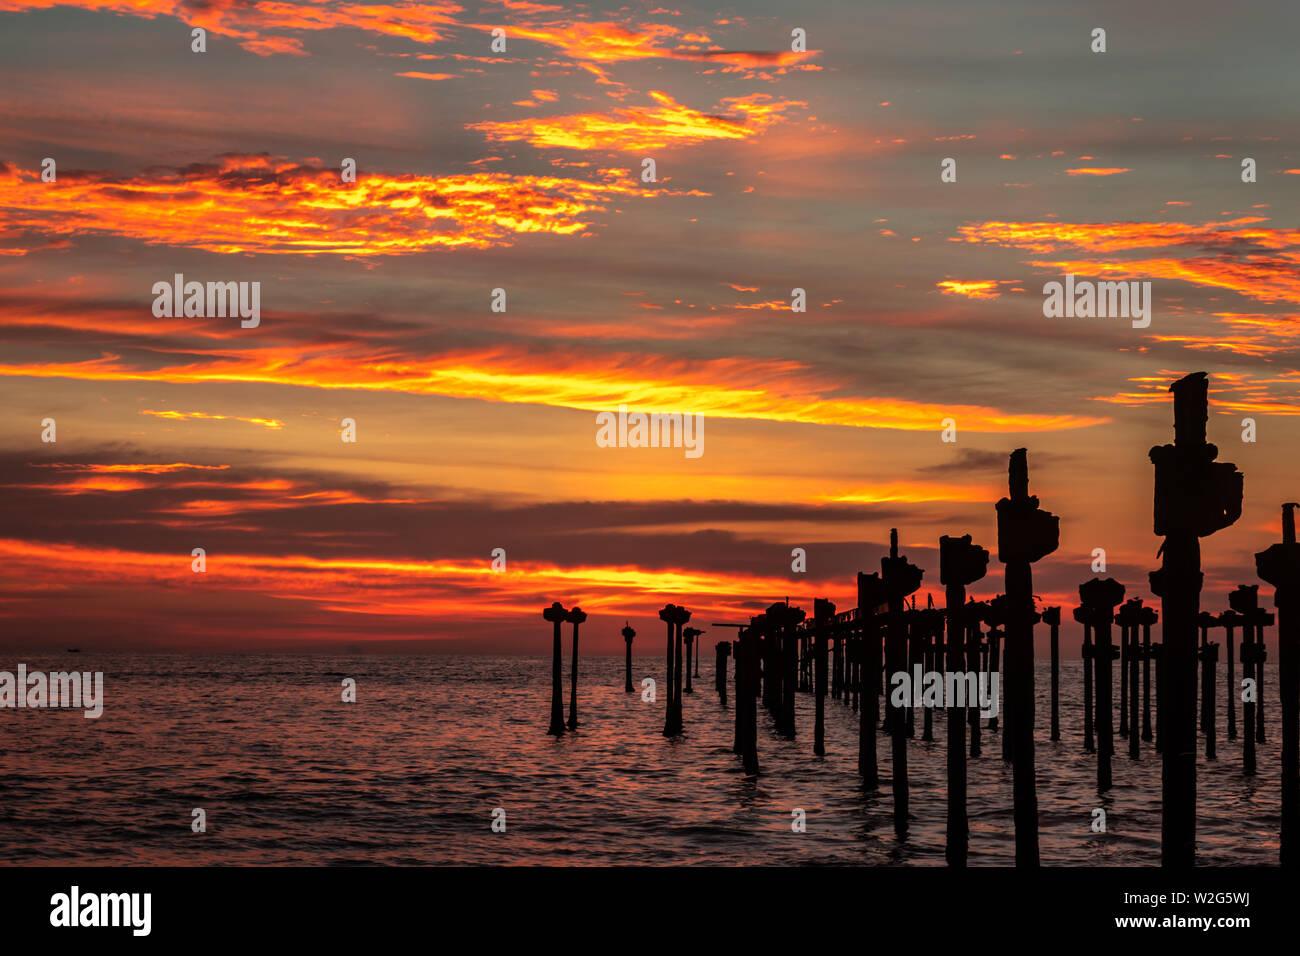 Nuages orange sur l'horizon de mer avec des poteaux de fer vers le soleil Banque D'Images